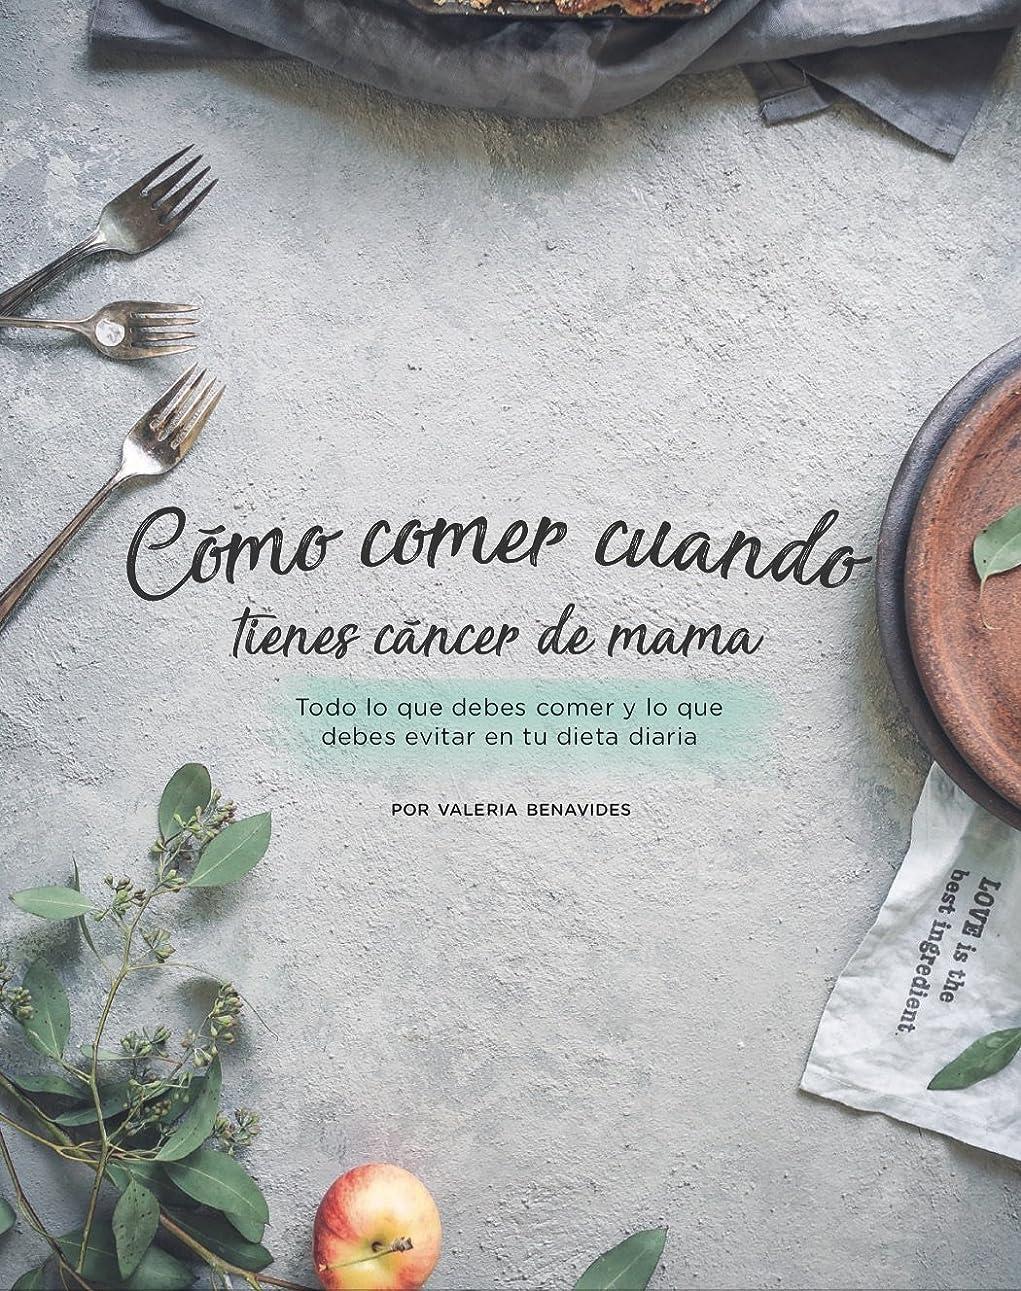 免除する事実上主張?Cómo comer cuando tienes cáncer de mama?: Todo lo que debes comer y lo que debes evitar en tu dieta diaria (Spanish Edition)